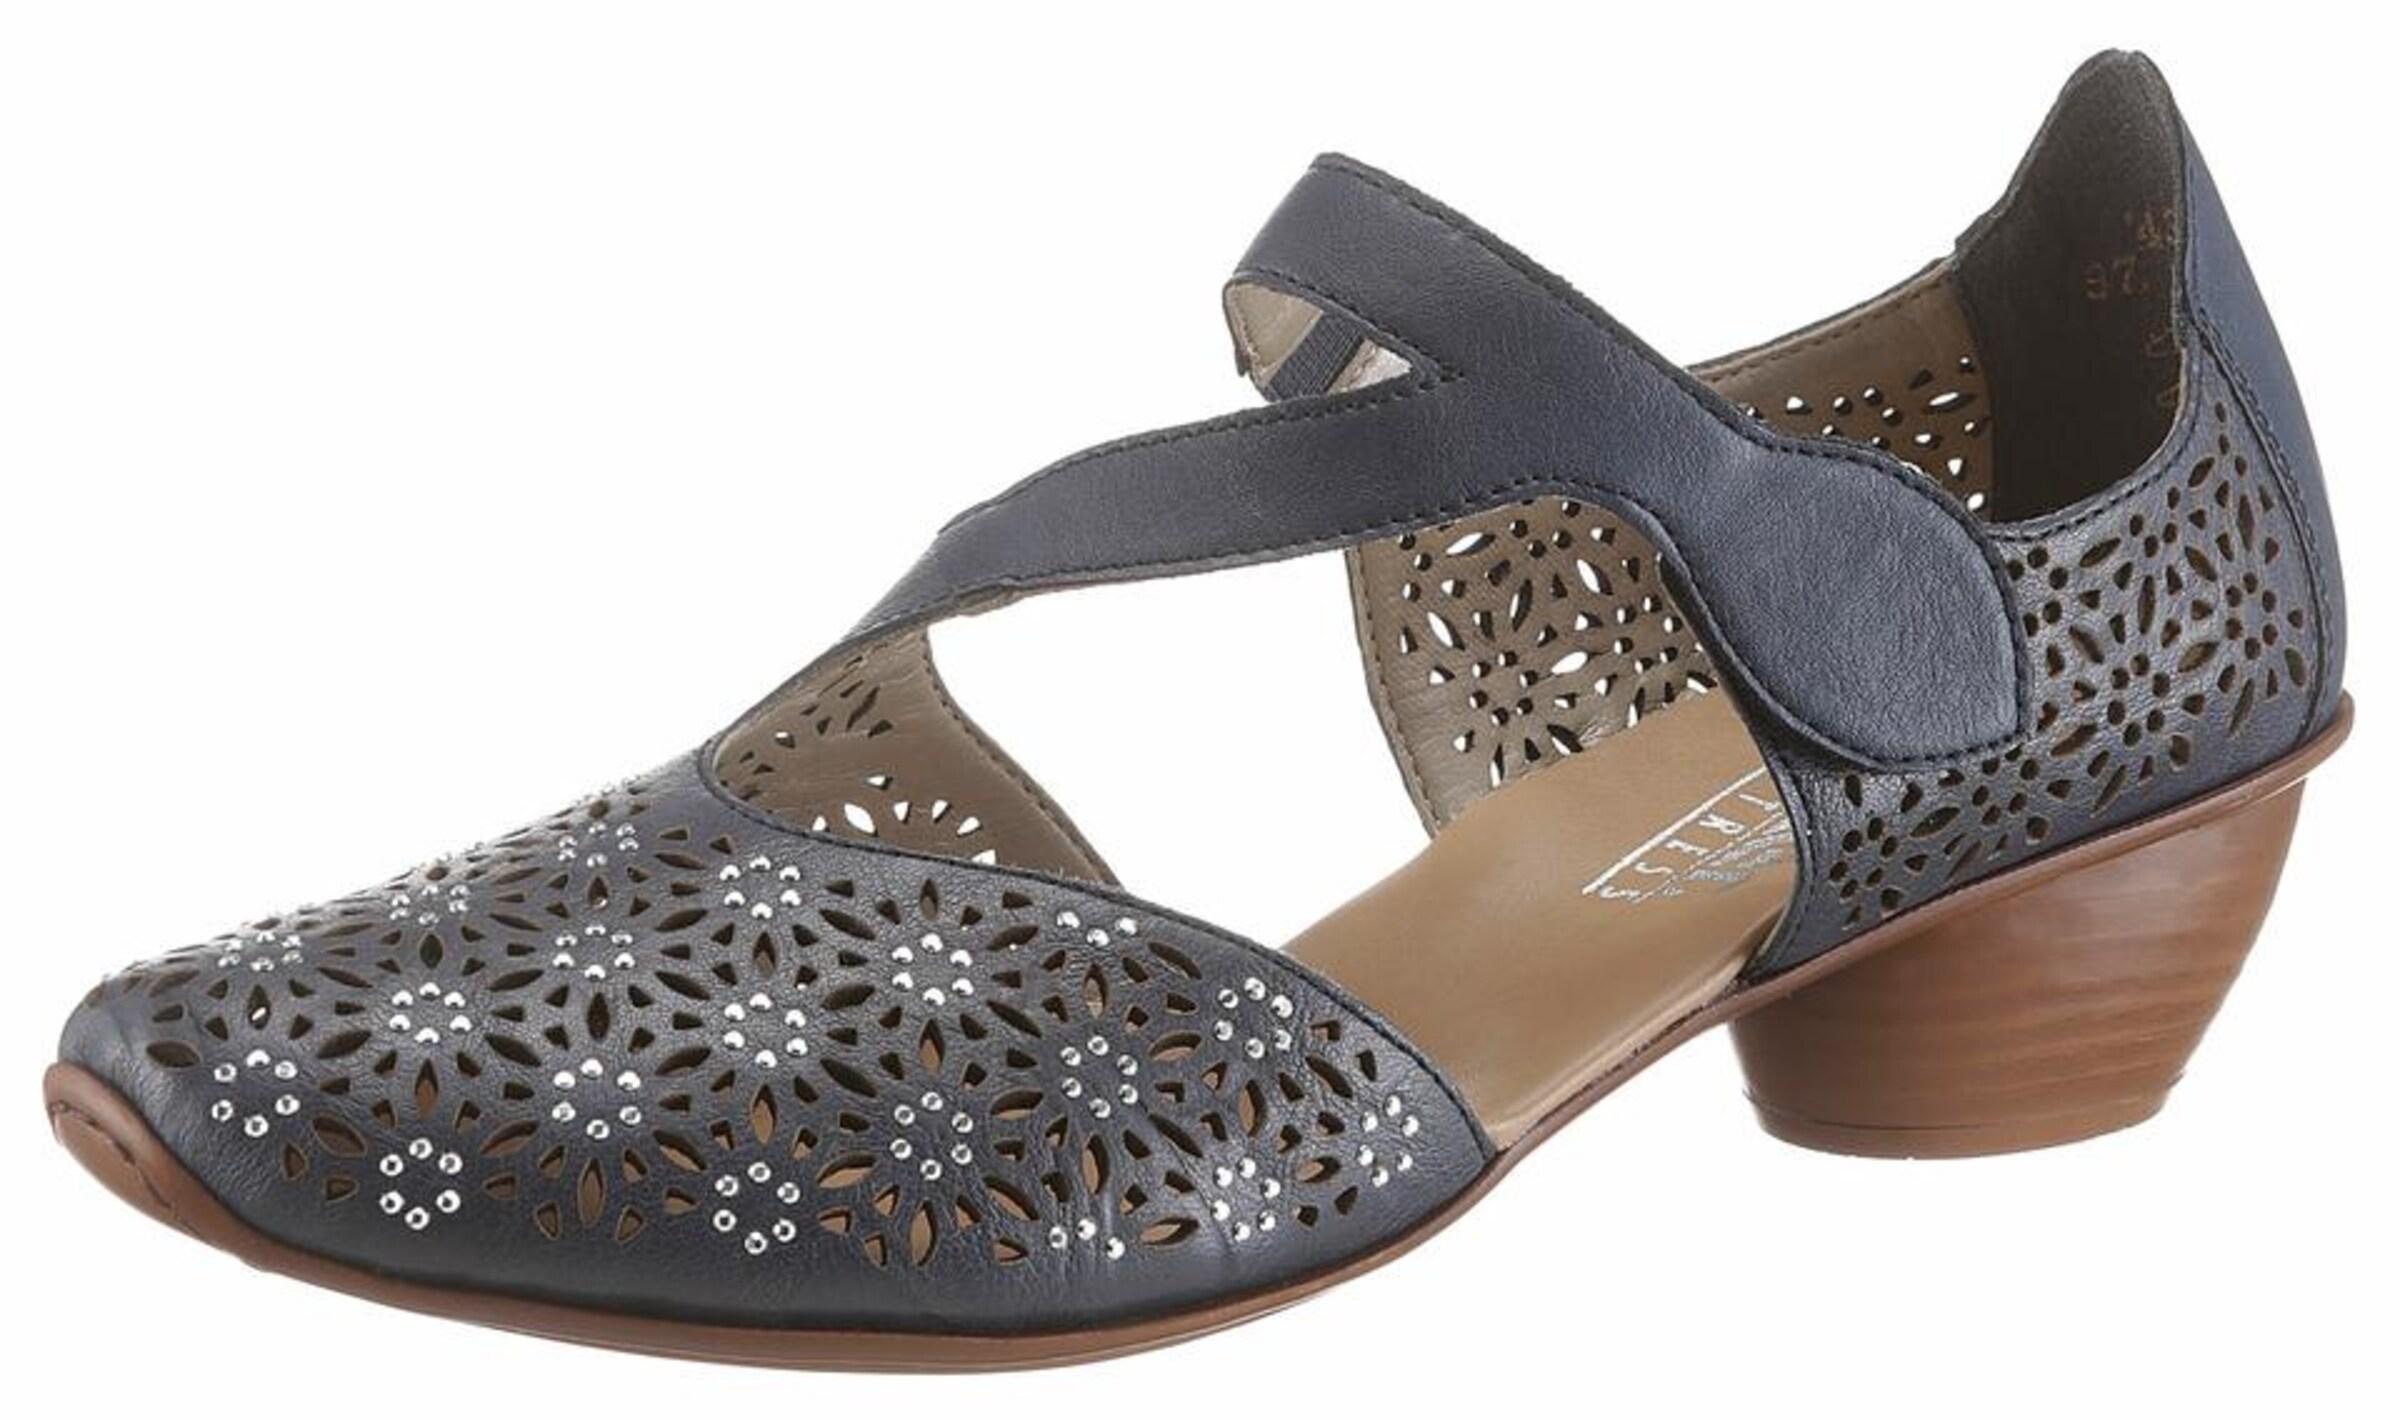 RIEKER Spangenpumps Verschleißfeste billige Schuhe Hohe Qualität